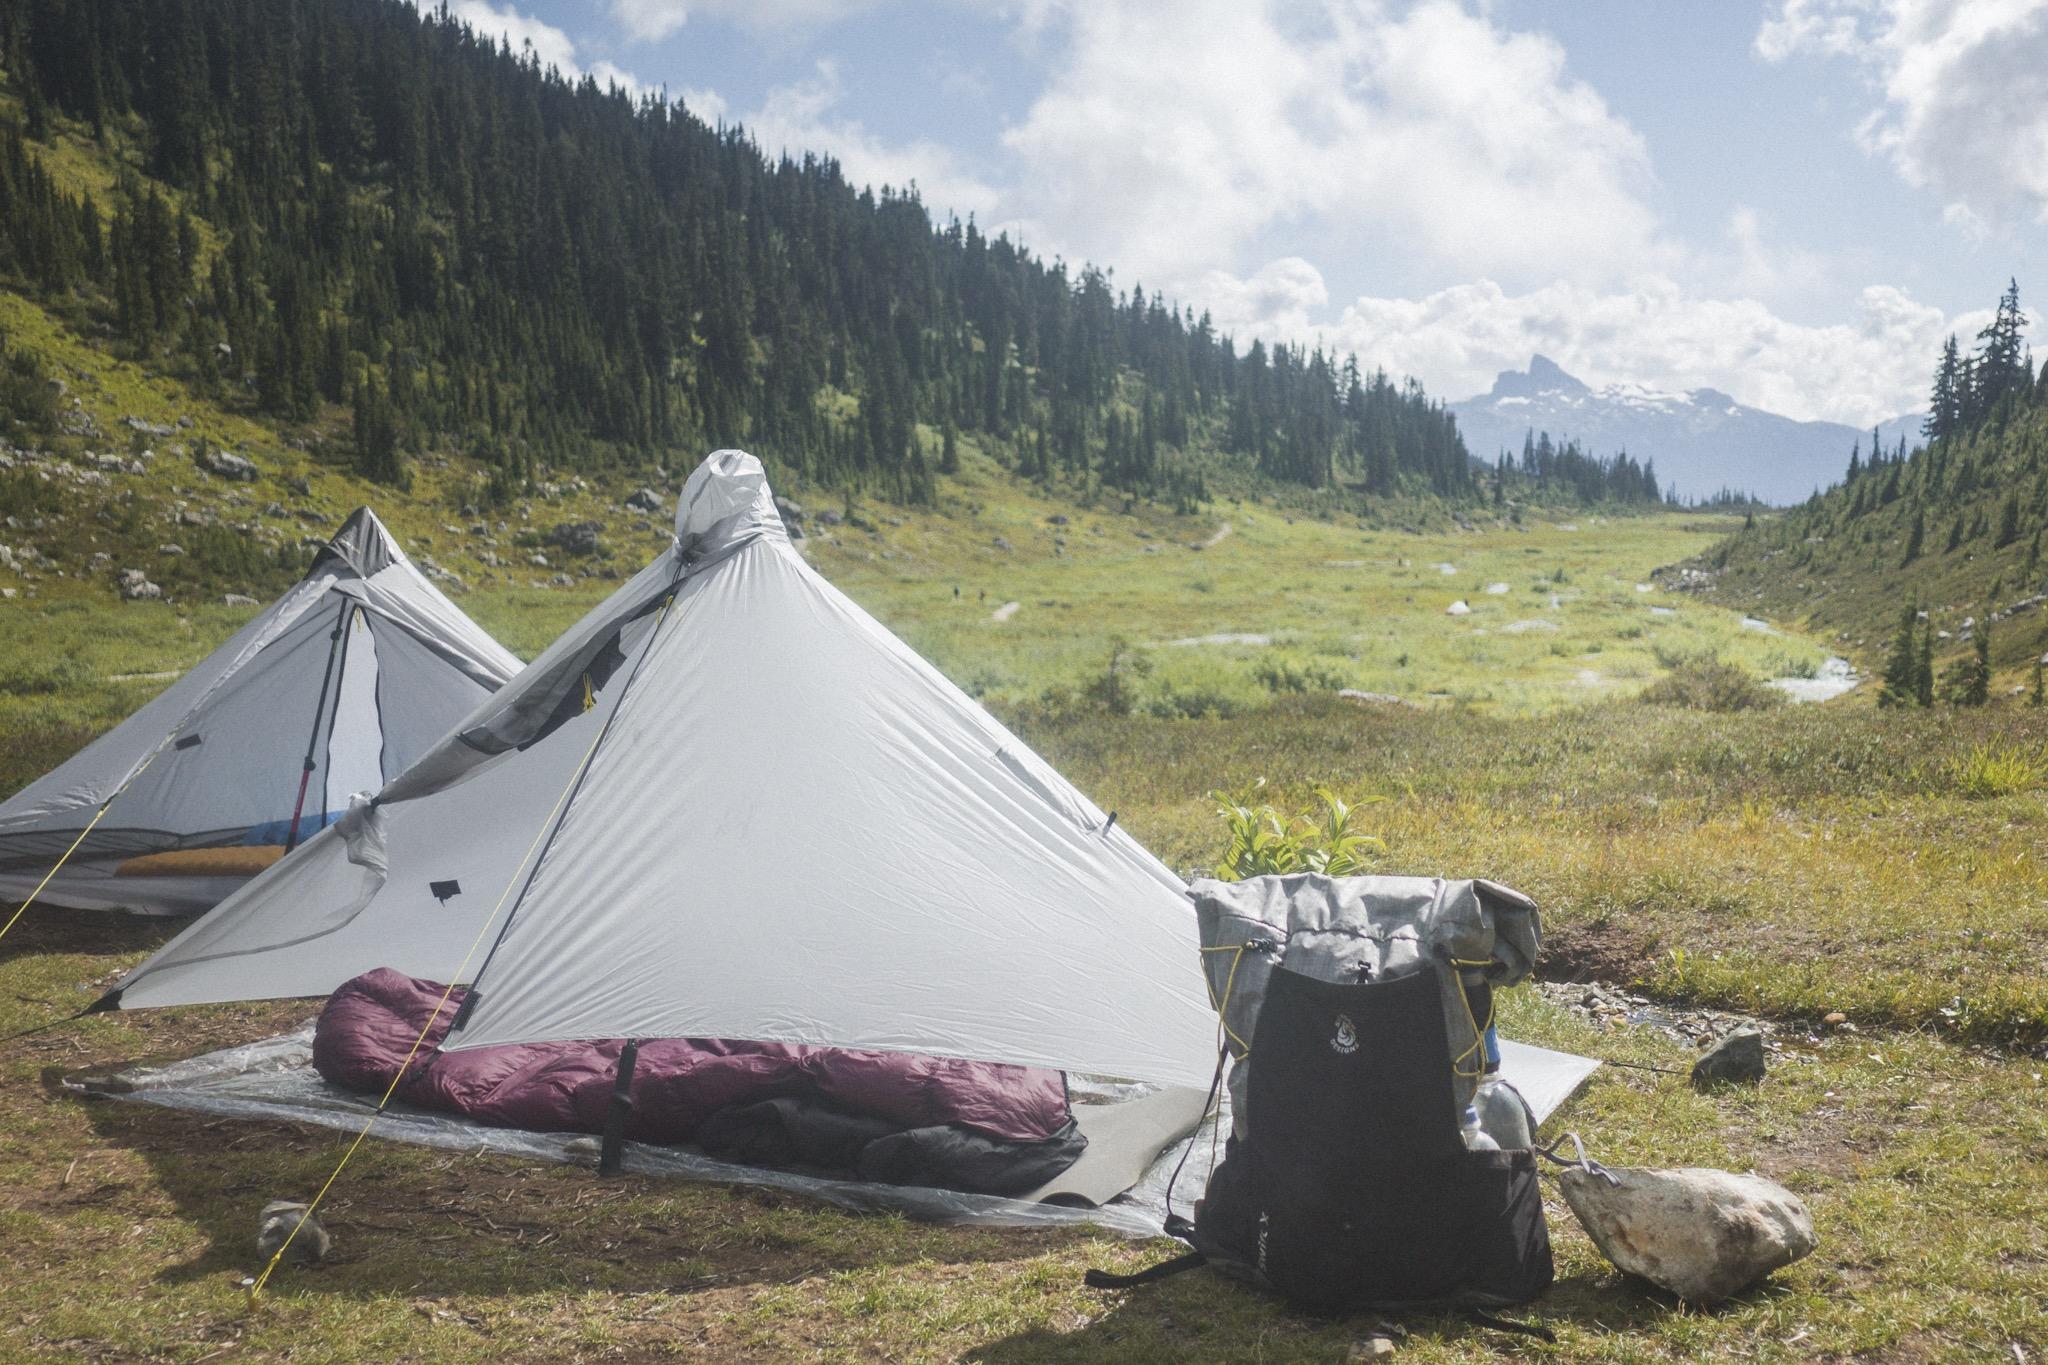 Six Moon Designs Zelt vor weiter Landschaft, links und rechts ziehen sich bewaldete Hänge hinauf